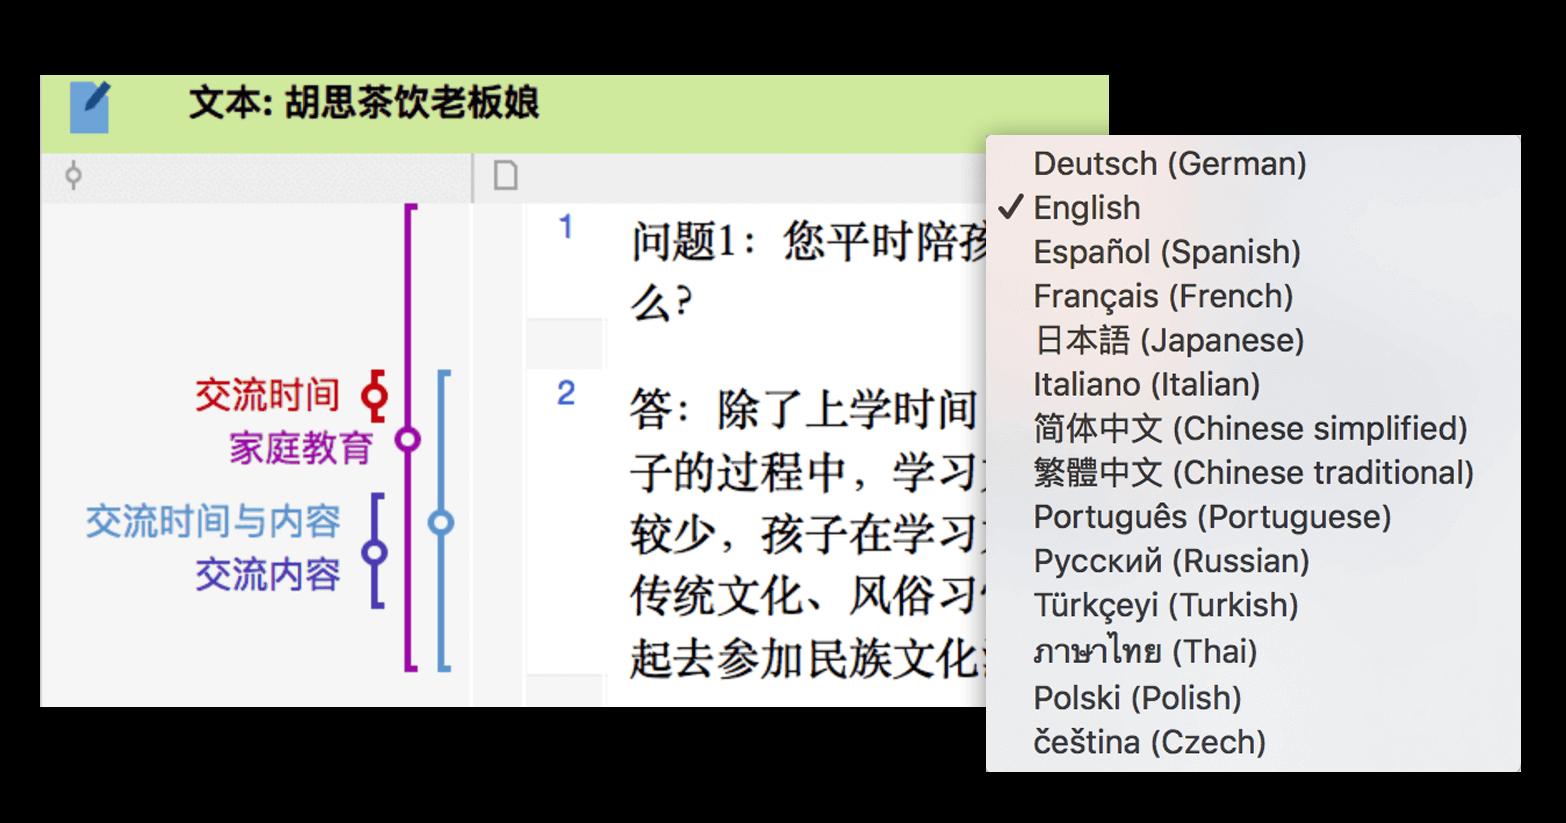 Languages in MAXQDA